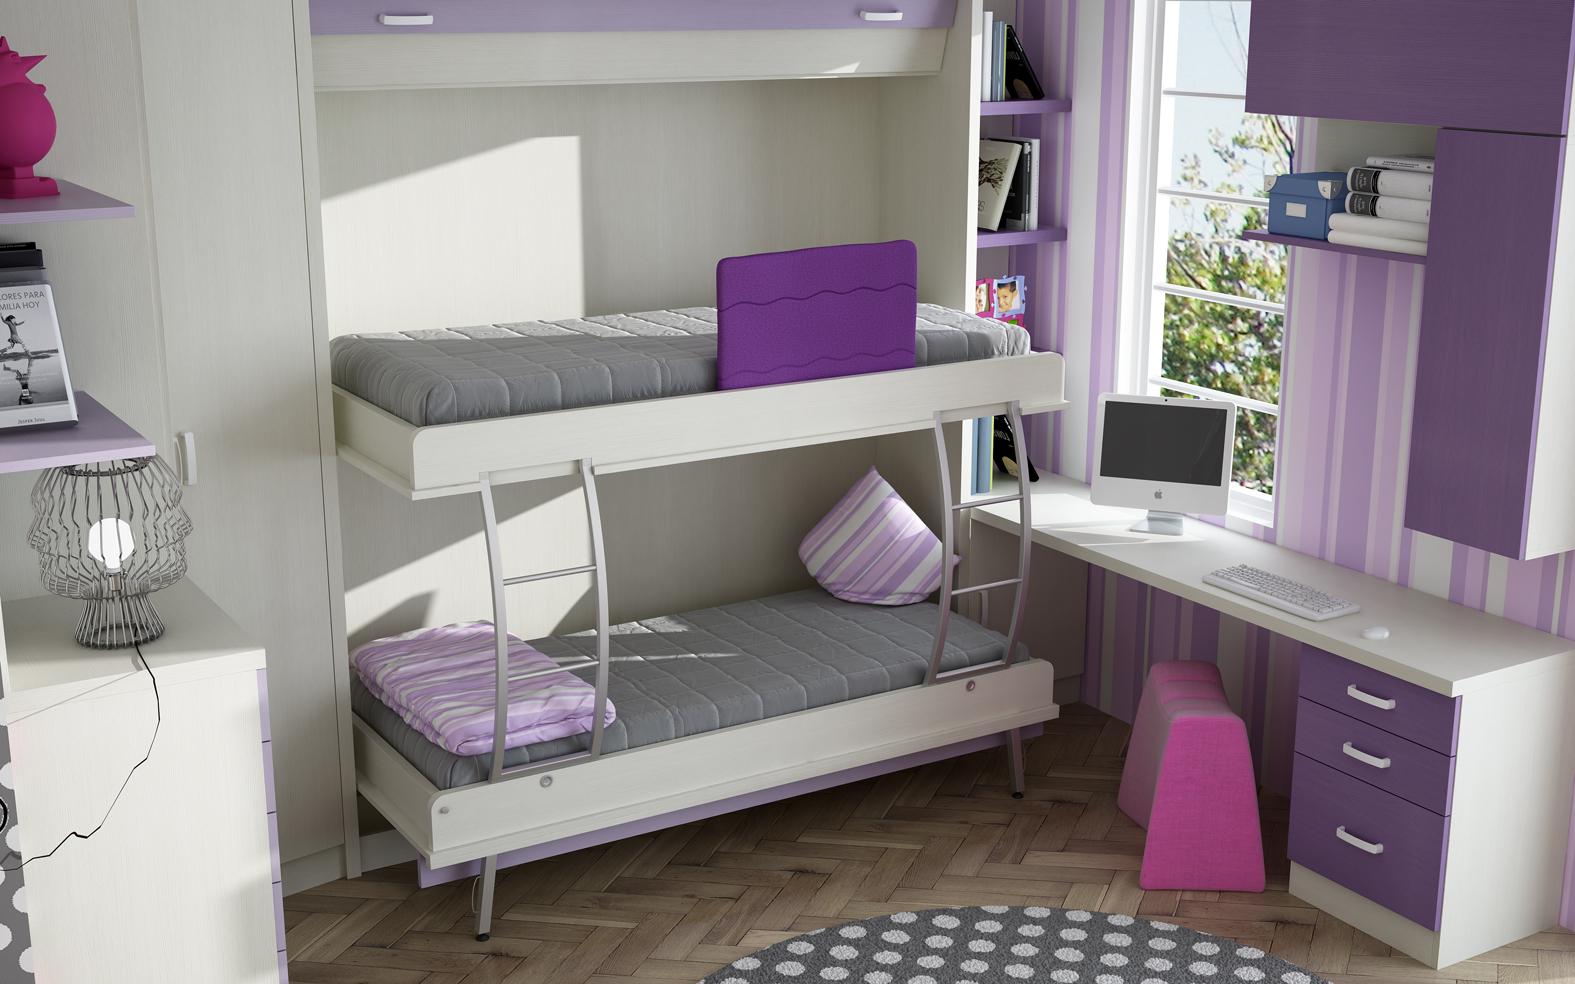 Muebles Juveniles  Muebles Parchis  Muebles infantiles  Muebles en